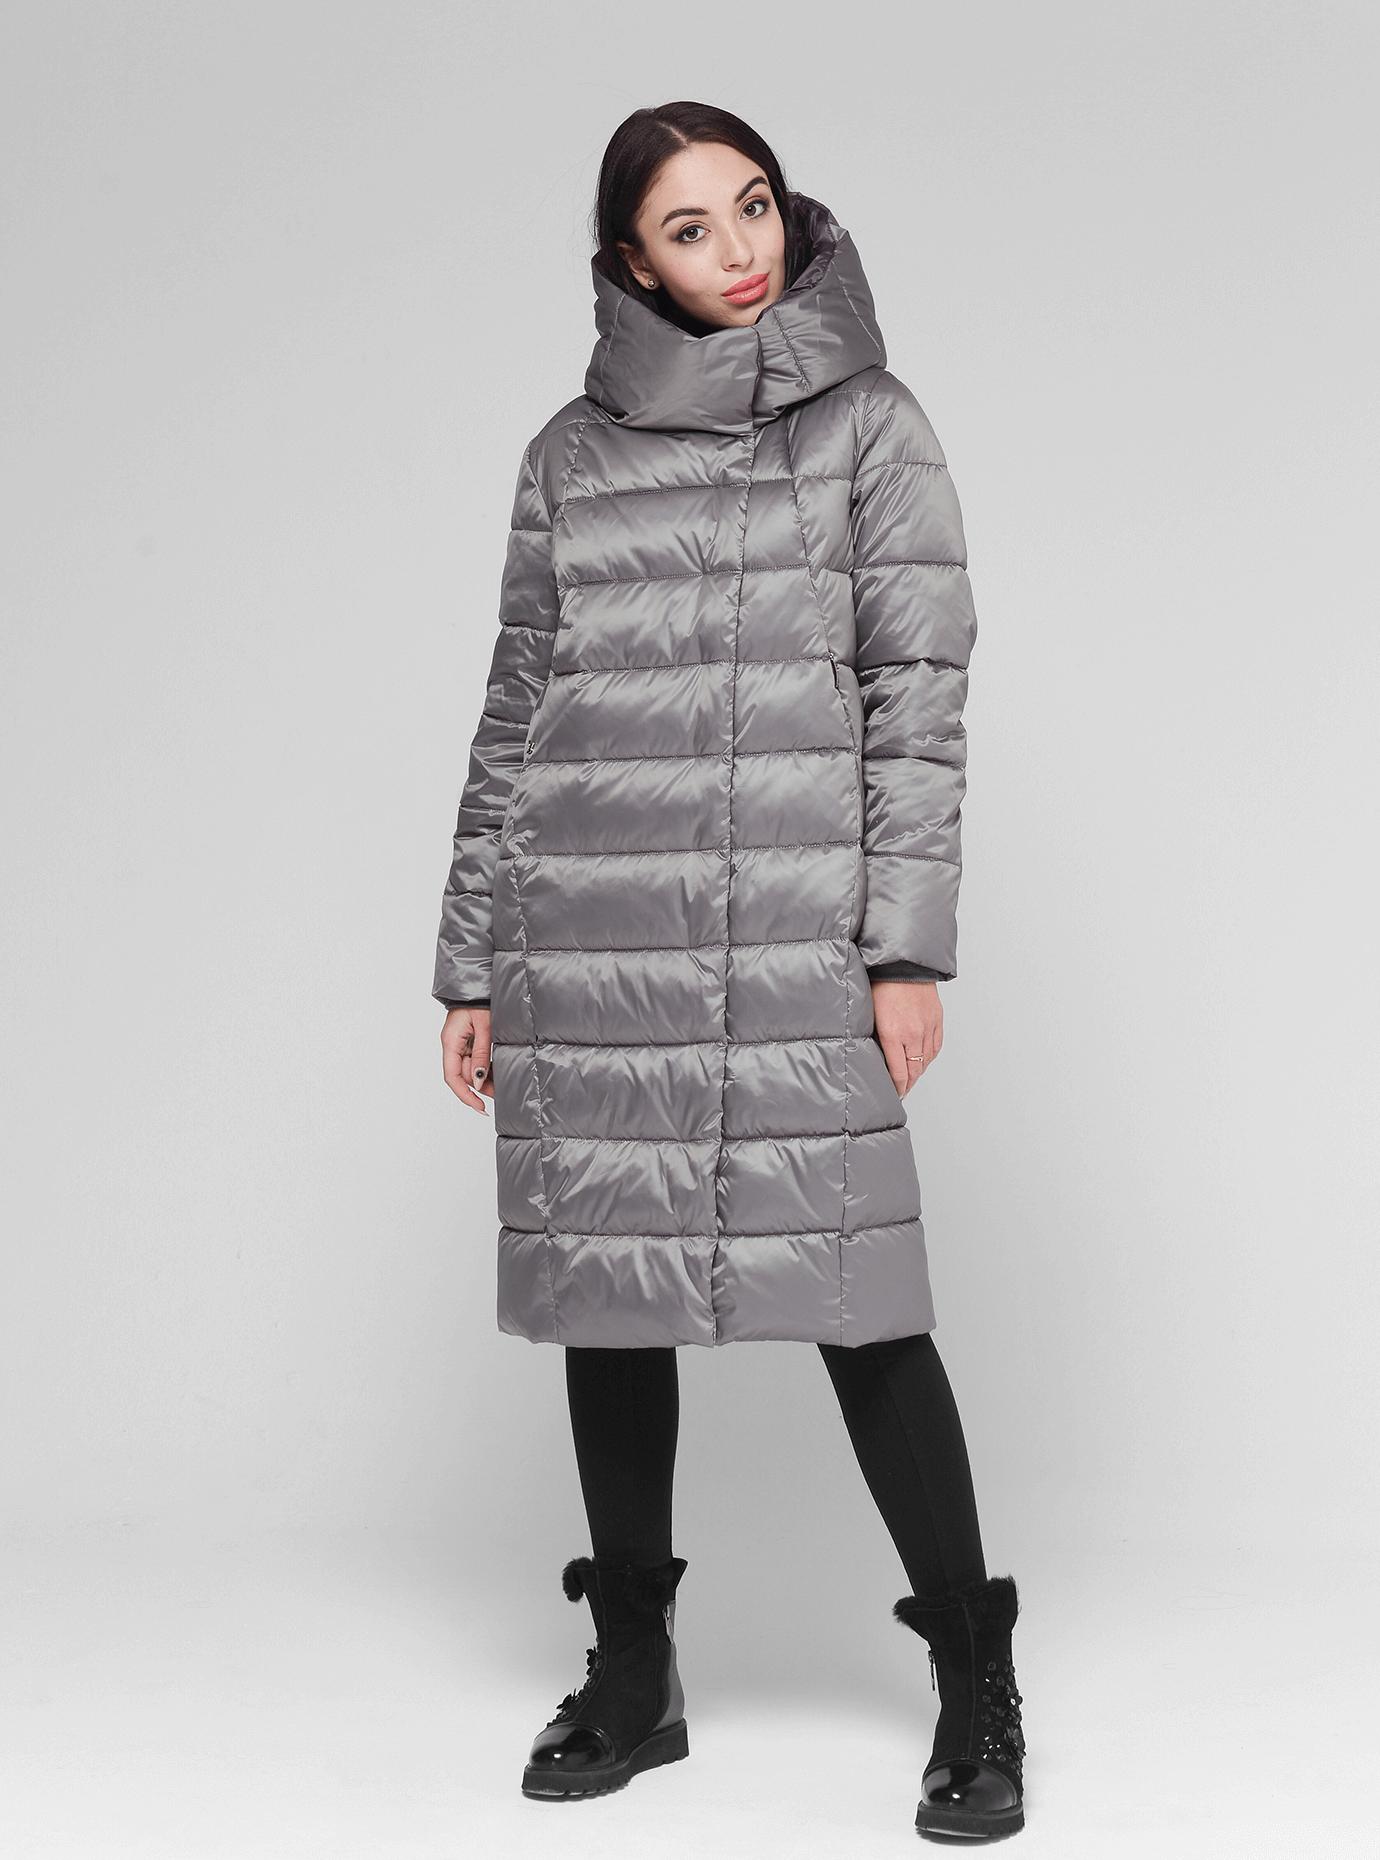 Куртка зимняя женская прямая Серый 46 (02-BF19170): фото - Alster.ua